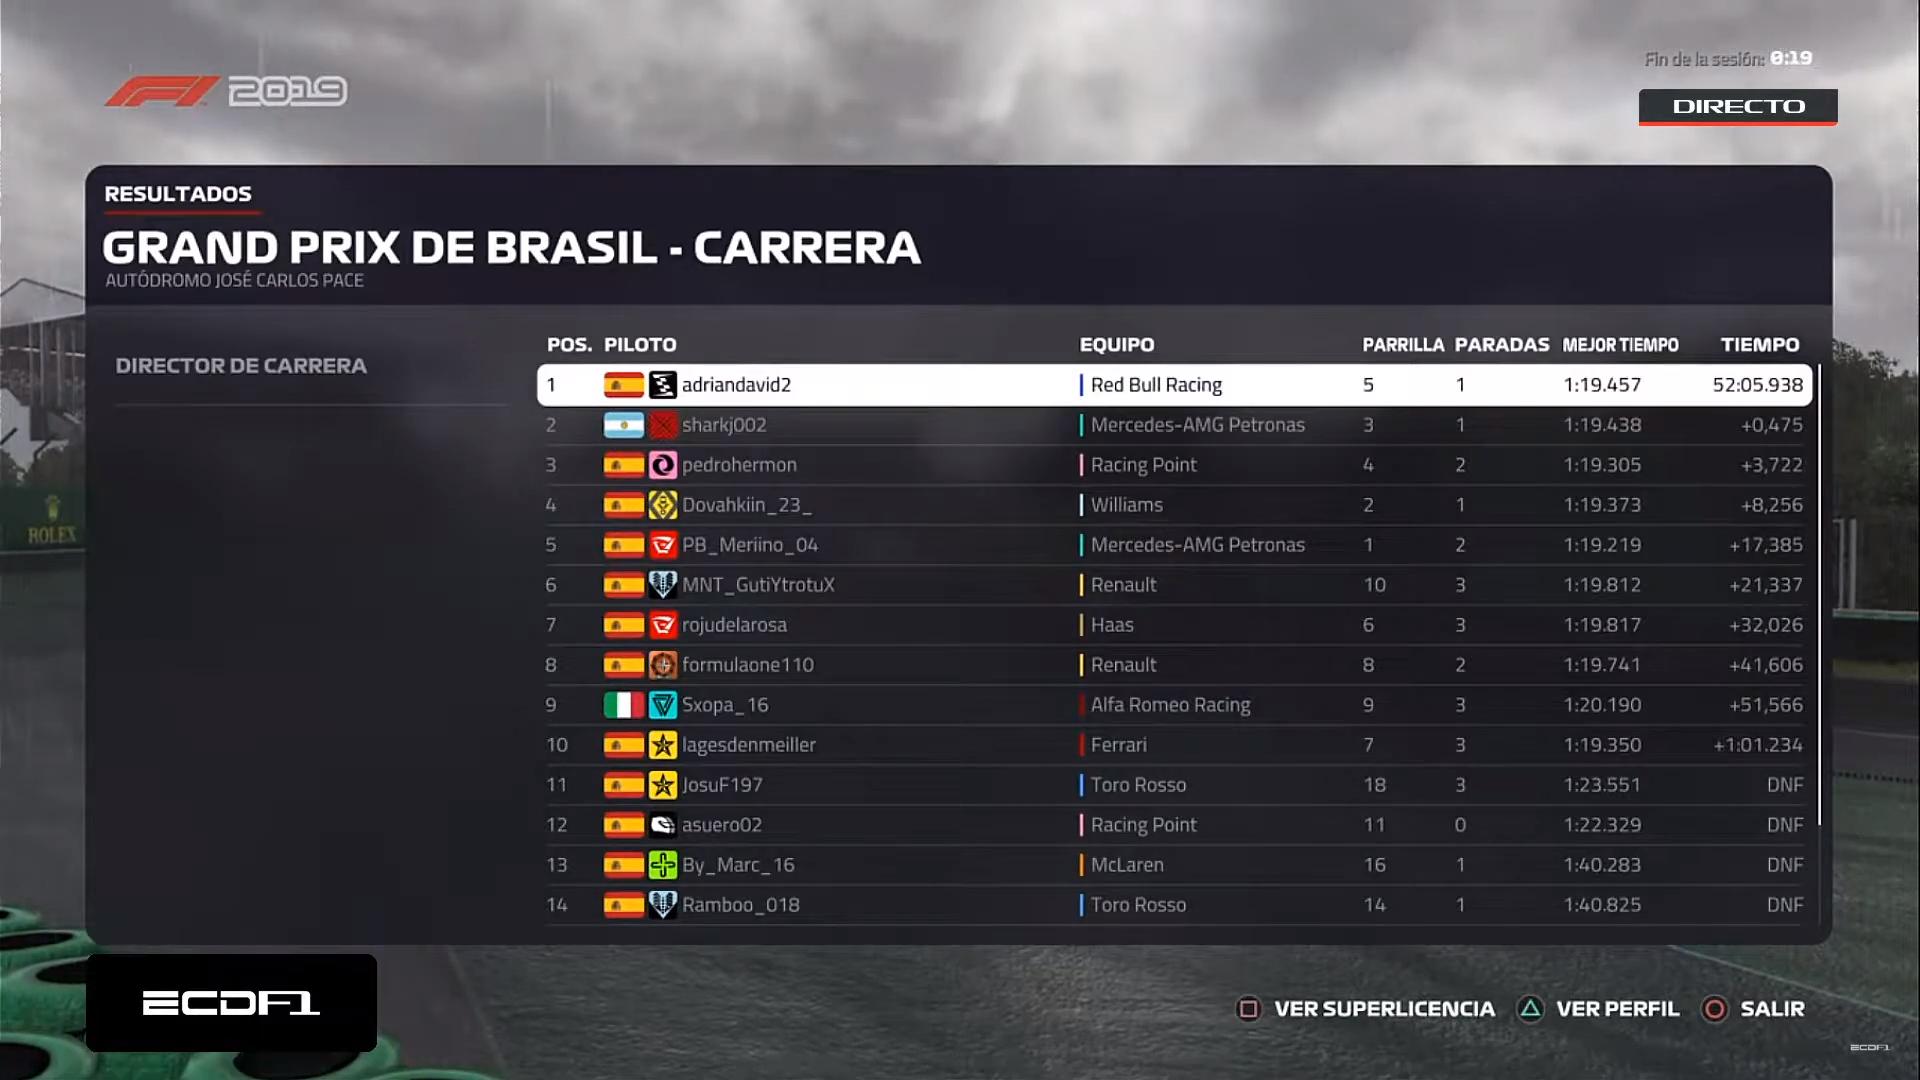 Resultados Gran Premio de Brasil (F1 2019 PS4 T15) Image